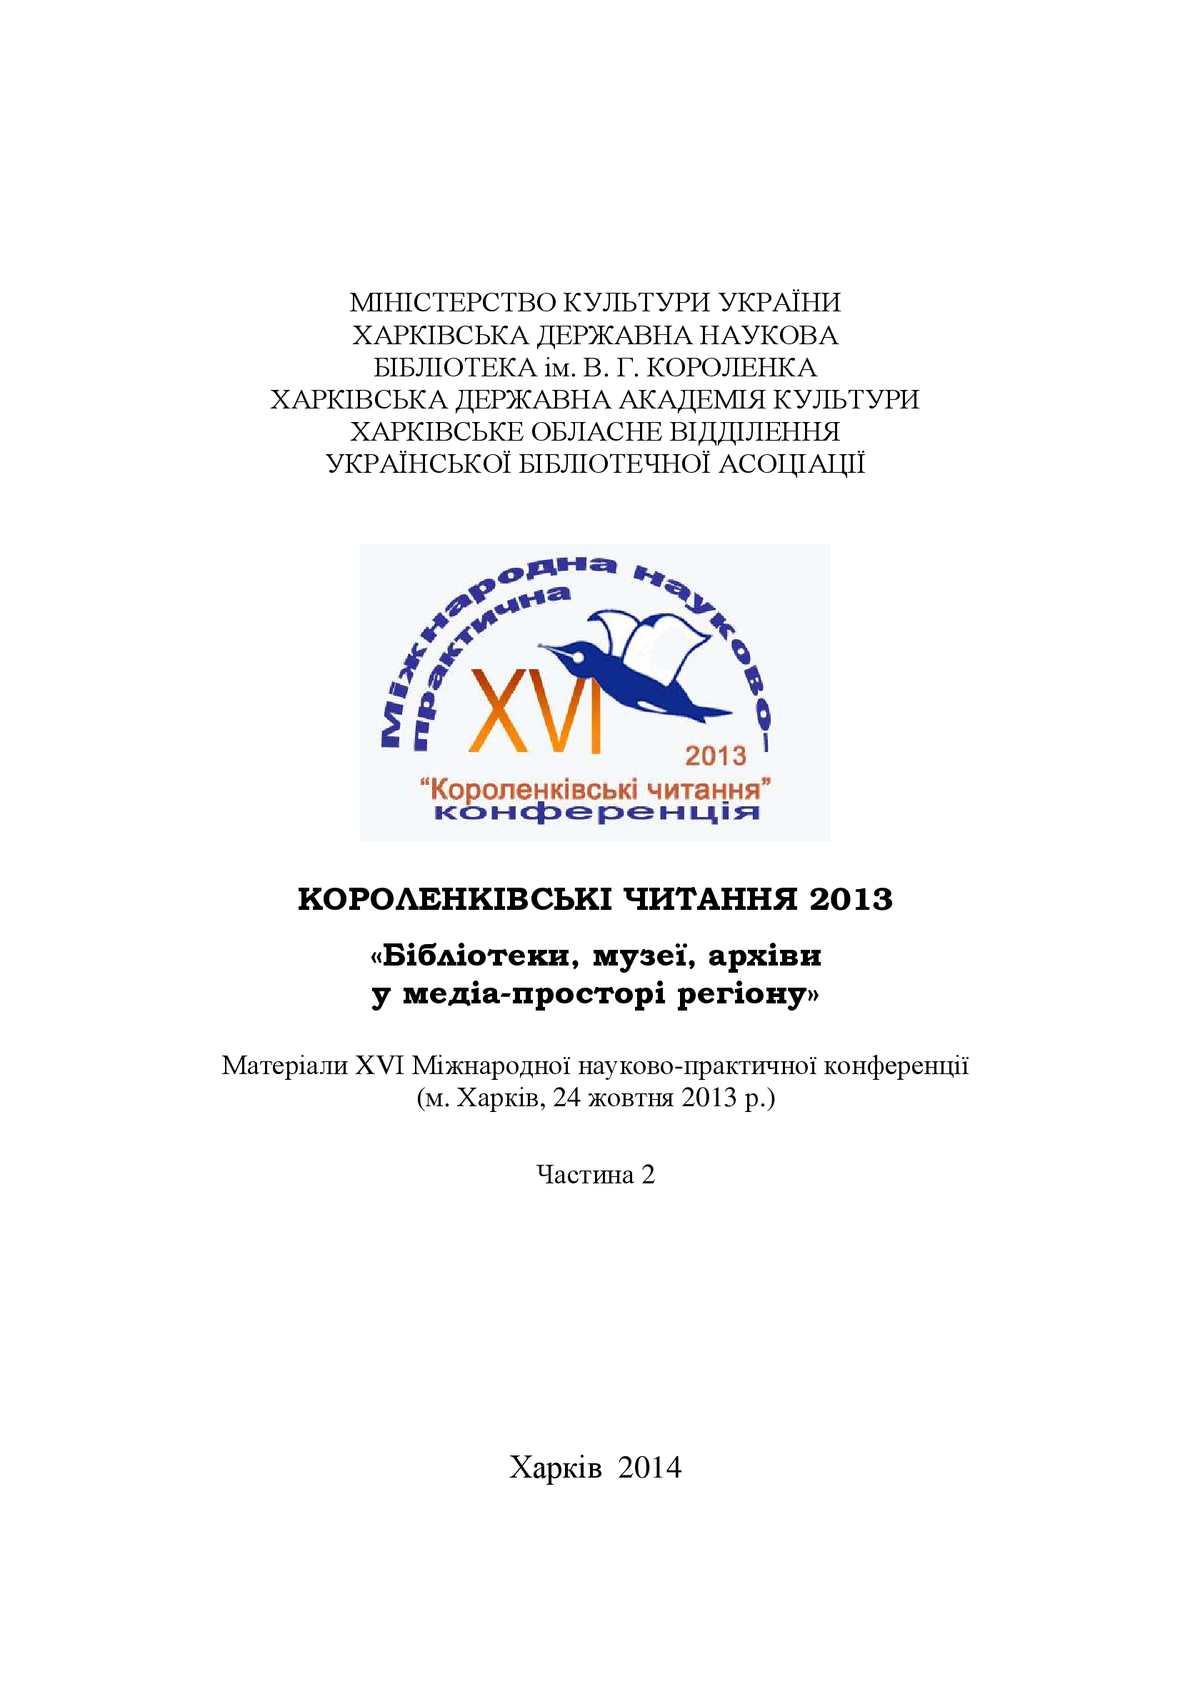 Короленківські читання 2013 Частина 2